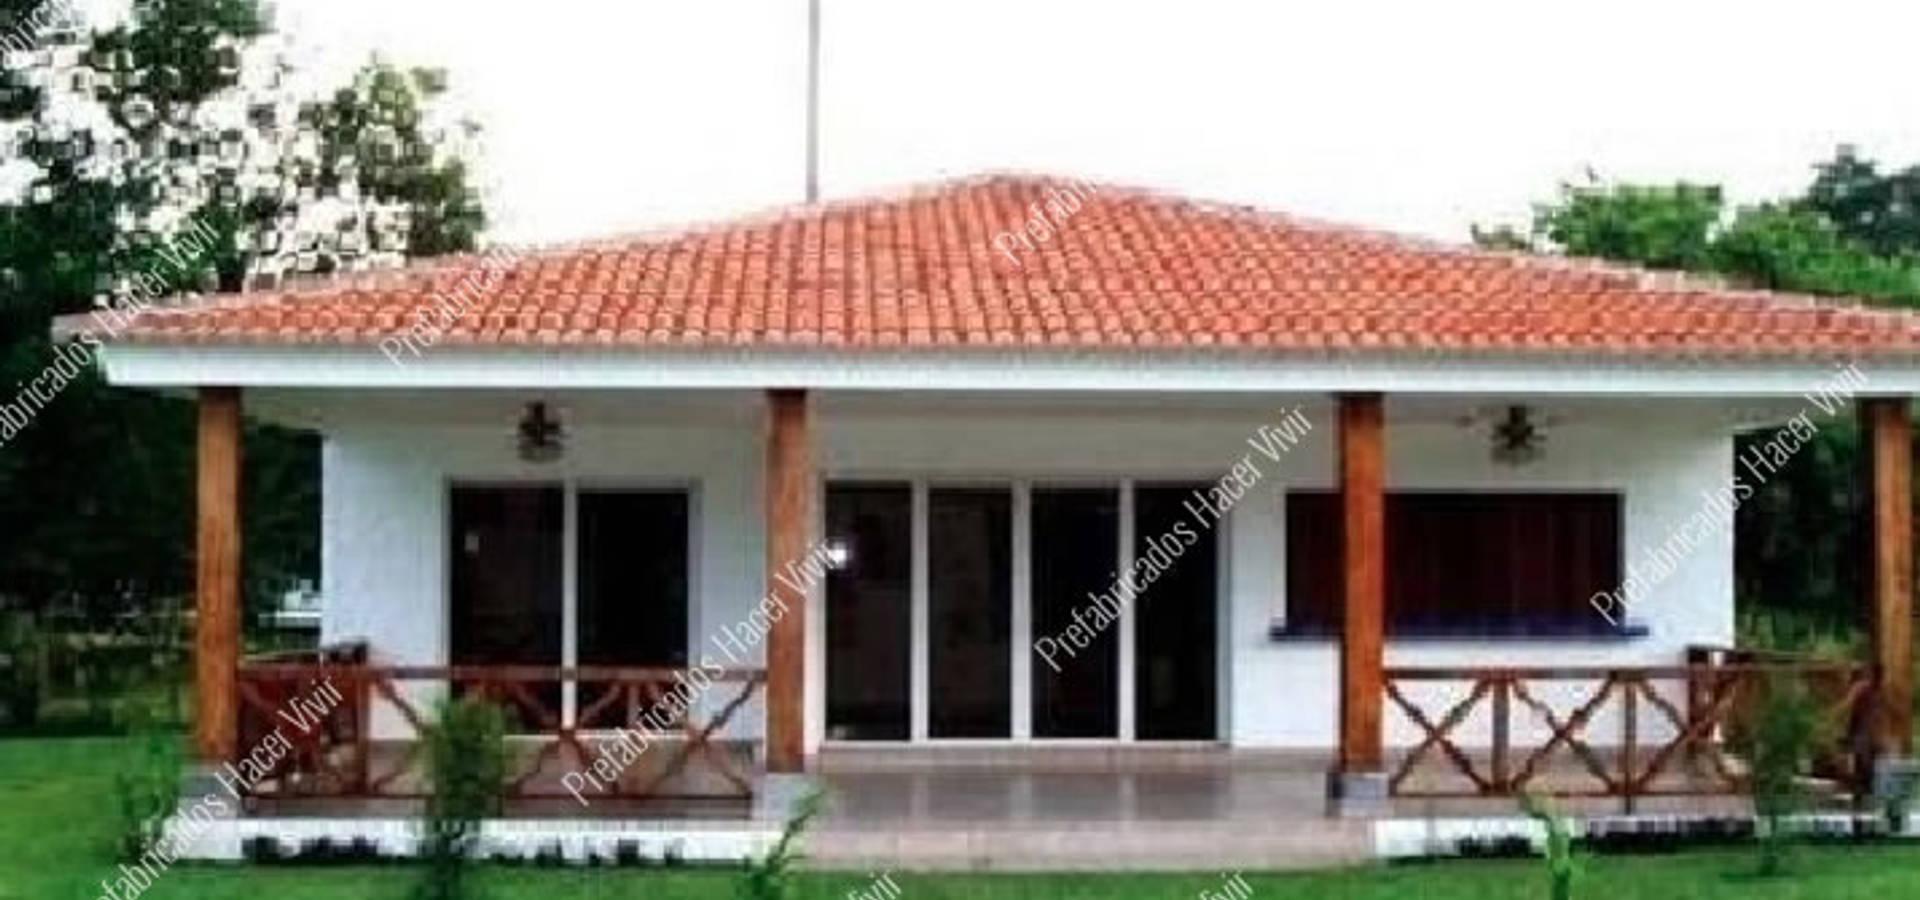 Casas prefabricadas por prefabricados hacer vivir homify - Fotos de casas prefabricadas ...